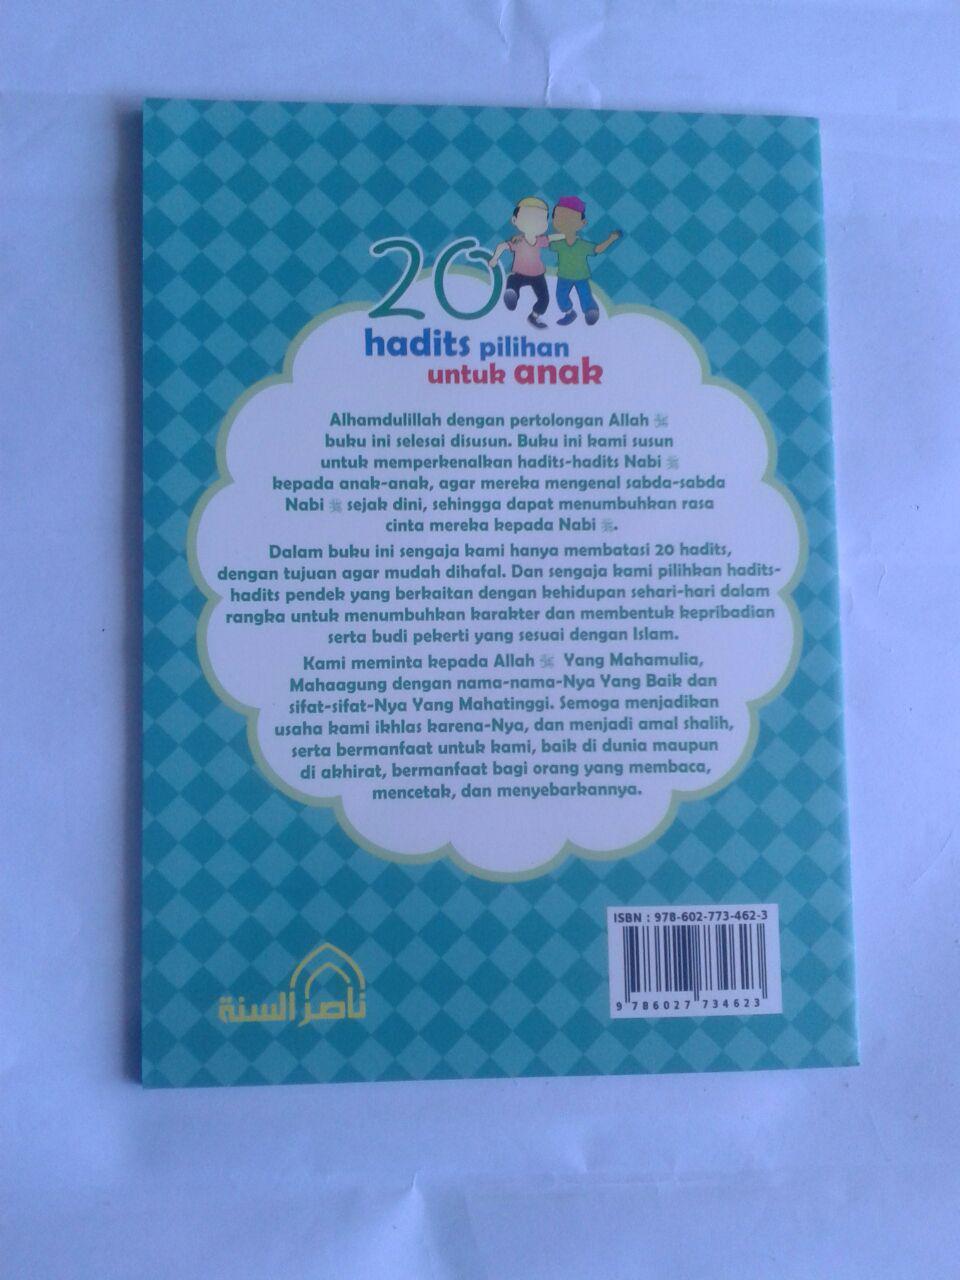 Buku 20 Hadits Pilihan Untuk Anak cover